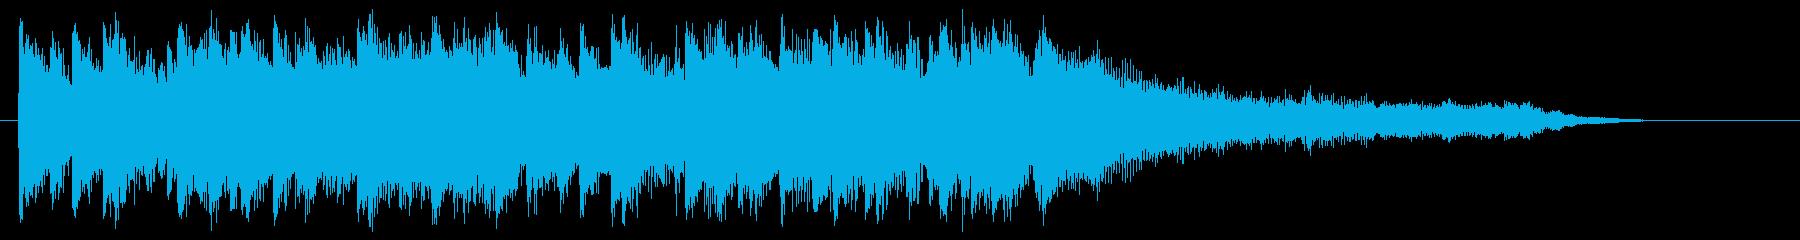 軽快、パワフルなアコースティックロゴの再生済みの波形